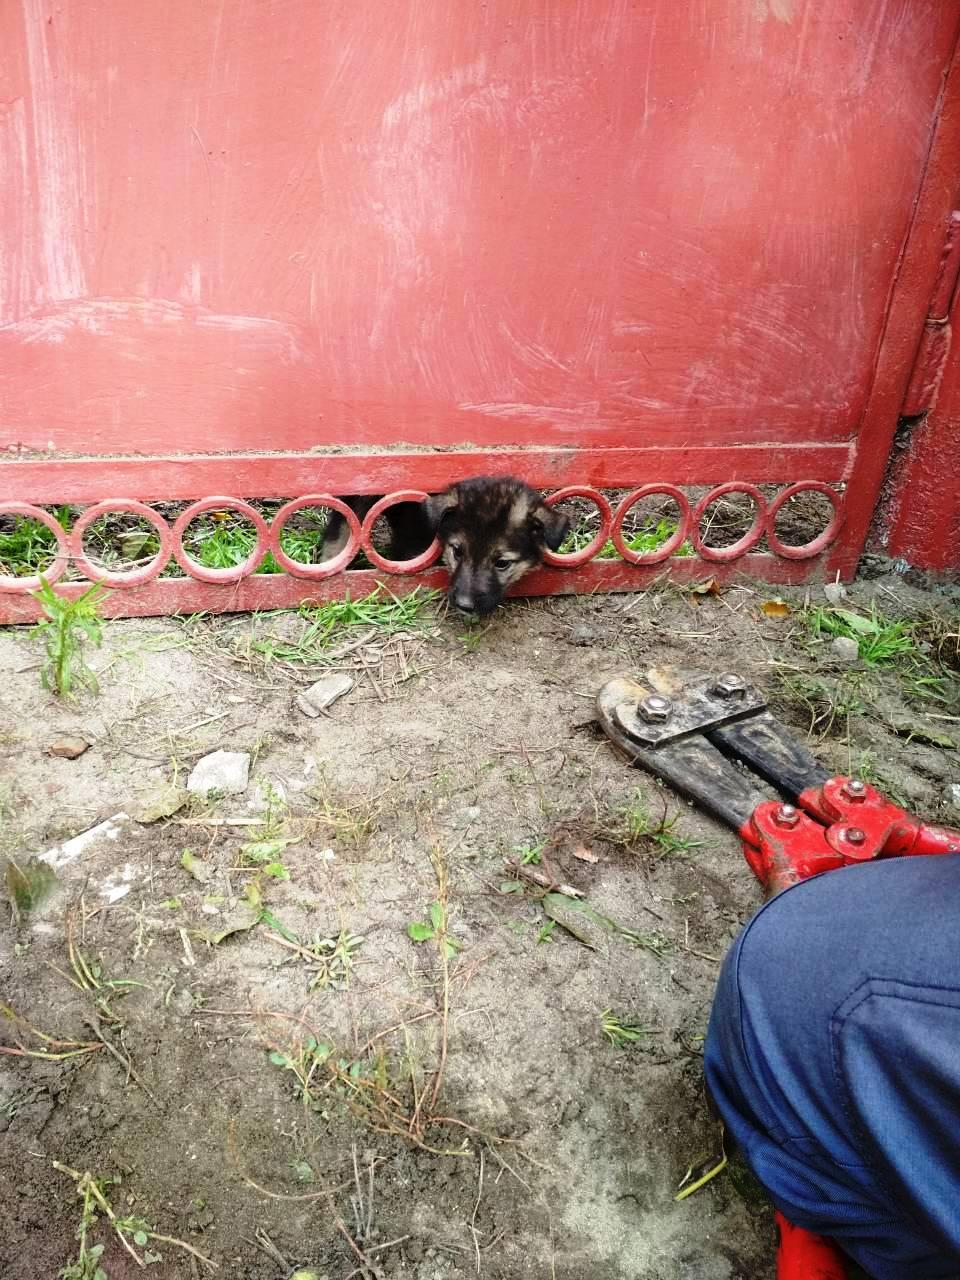 Cпасатели освободили щенка, который застрял в металлической ограде